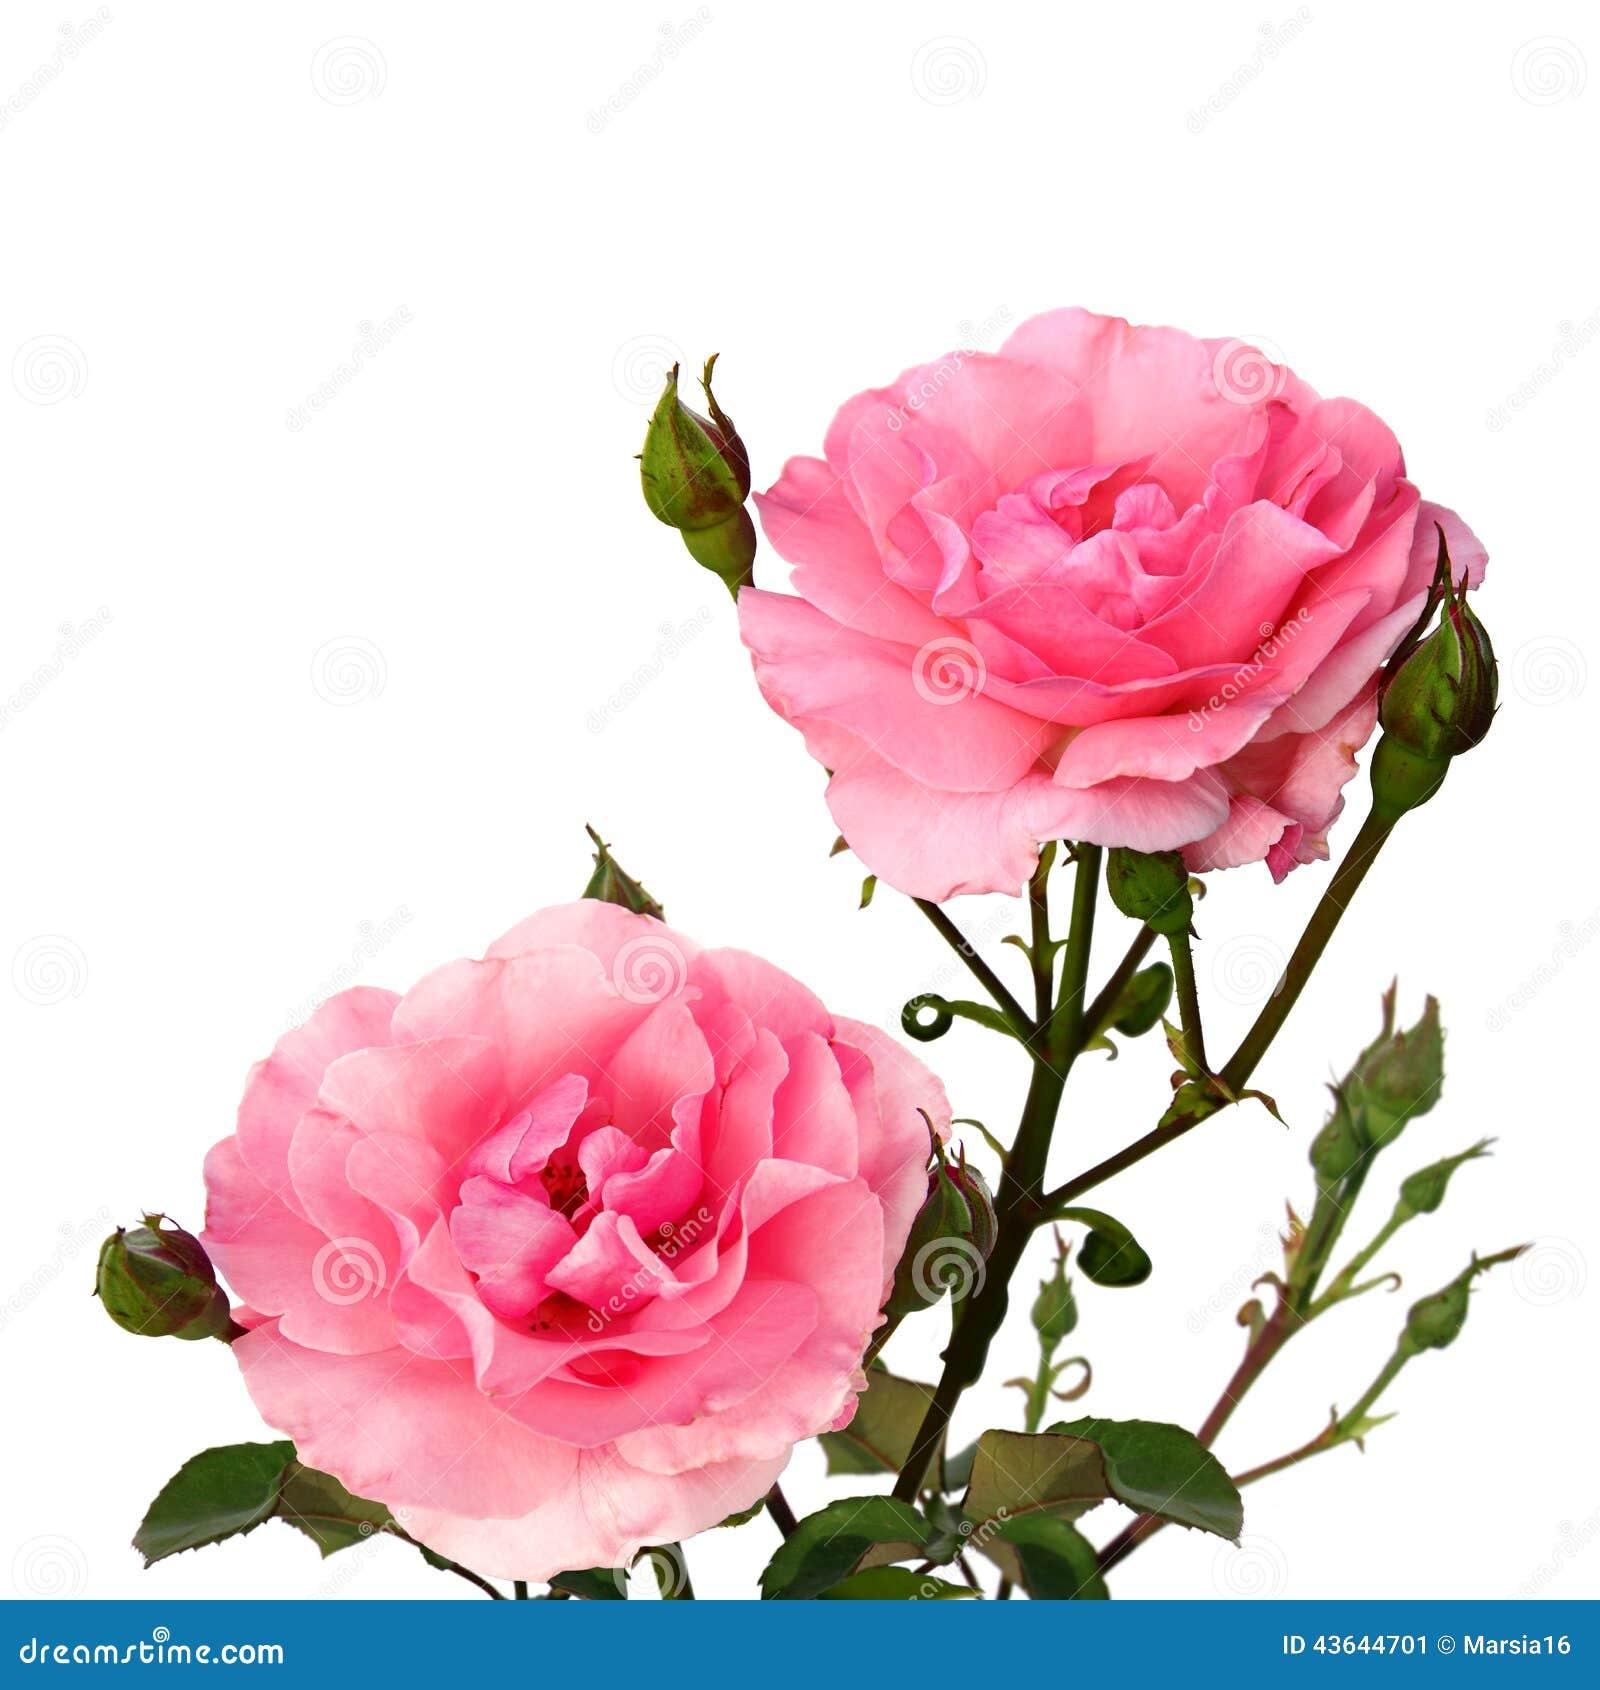 zwei rosa rosen auf wei stockbild bild von leben gl ckwunsch 43644701. Black Bedroom Furniture Sets. Home Design Ideas